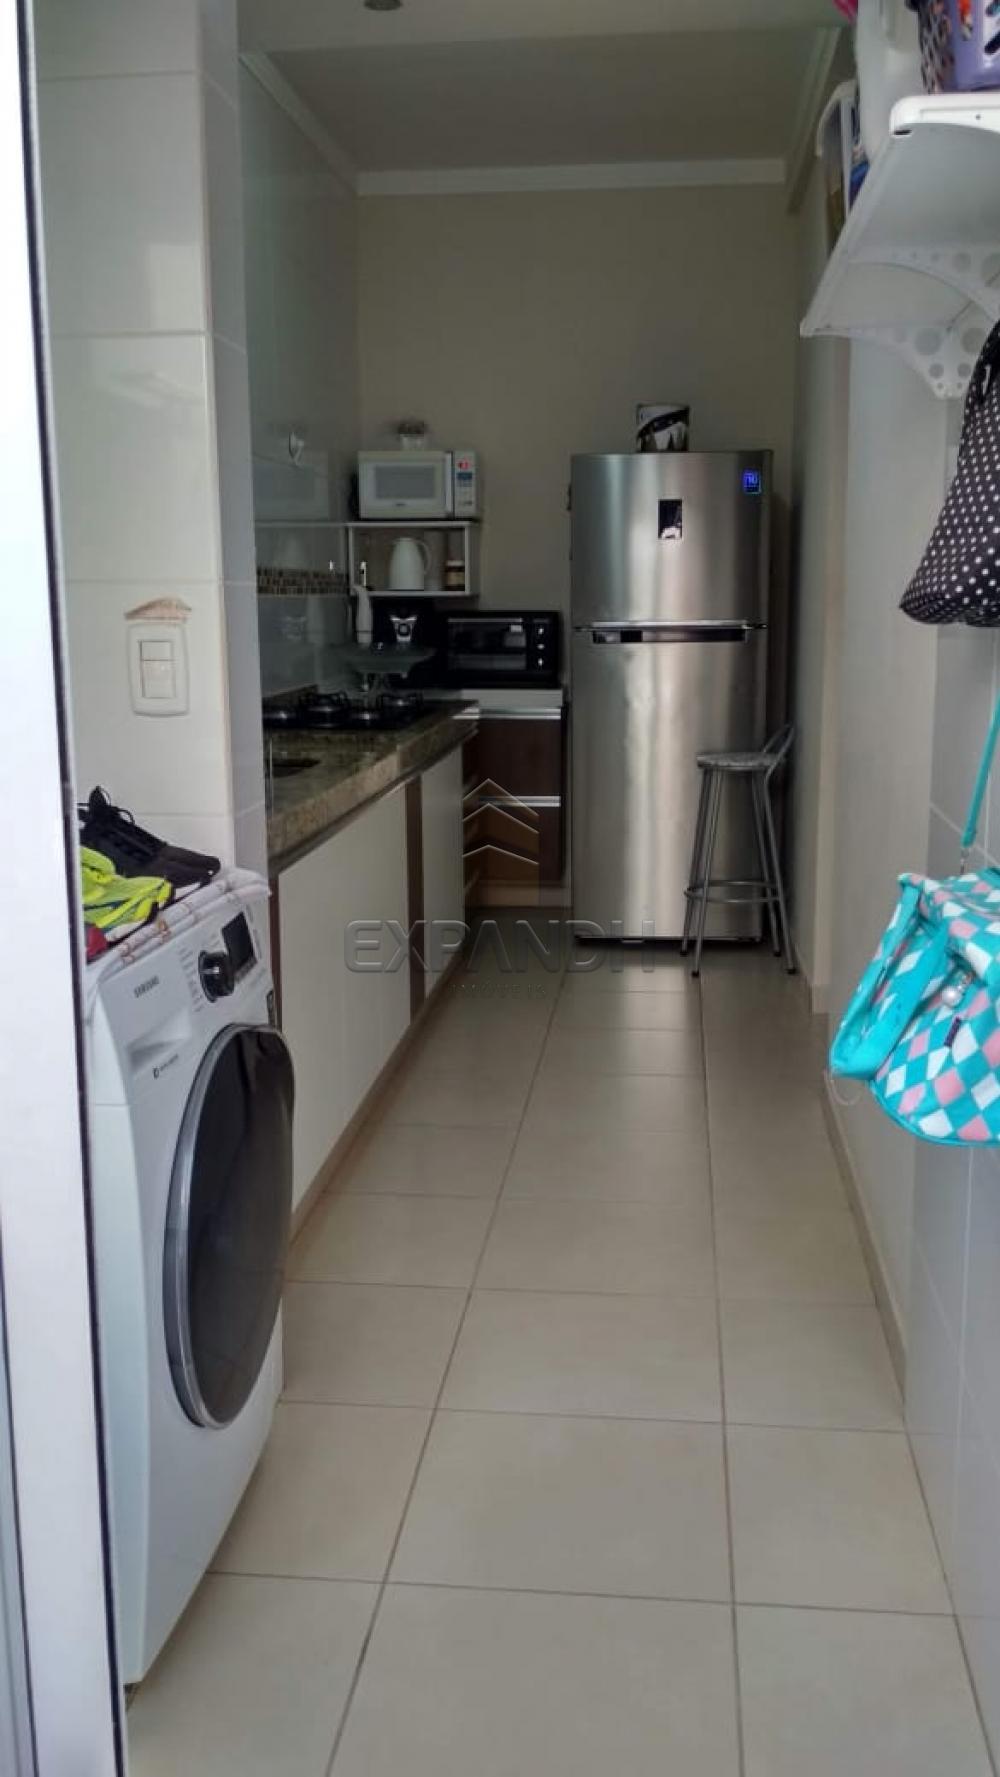 Comprar Apartamentos / Padrão em Sertãozinho apenas R$ 250.000,00 - Foto 20